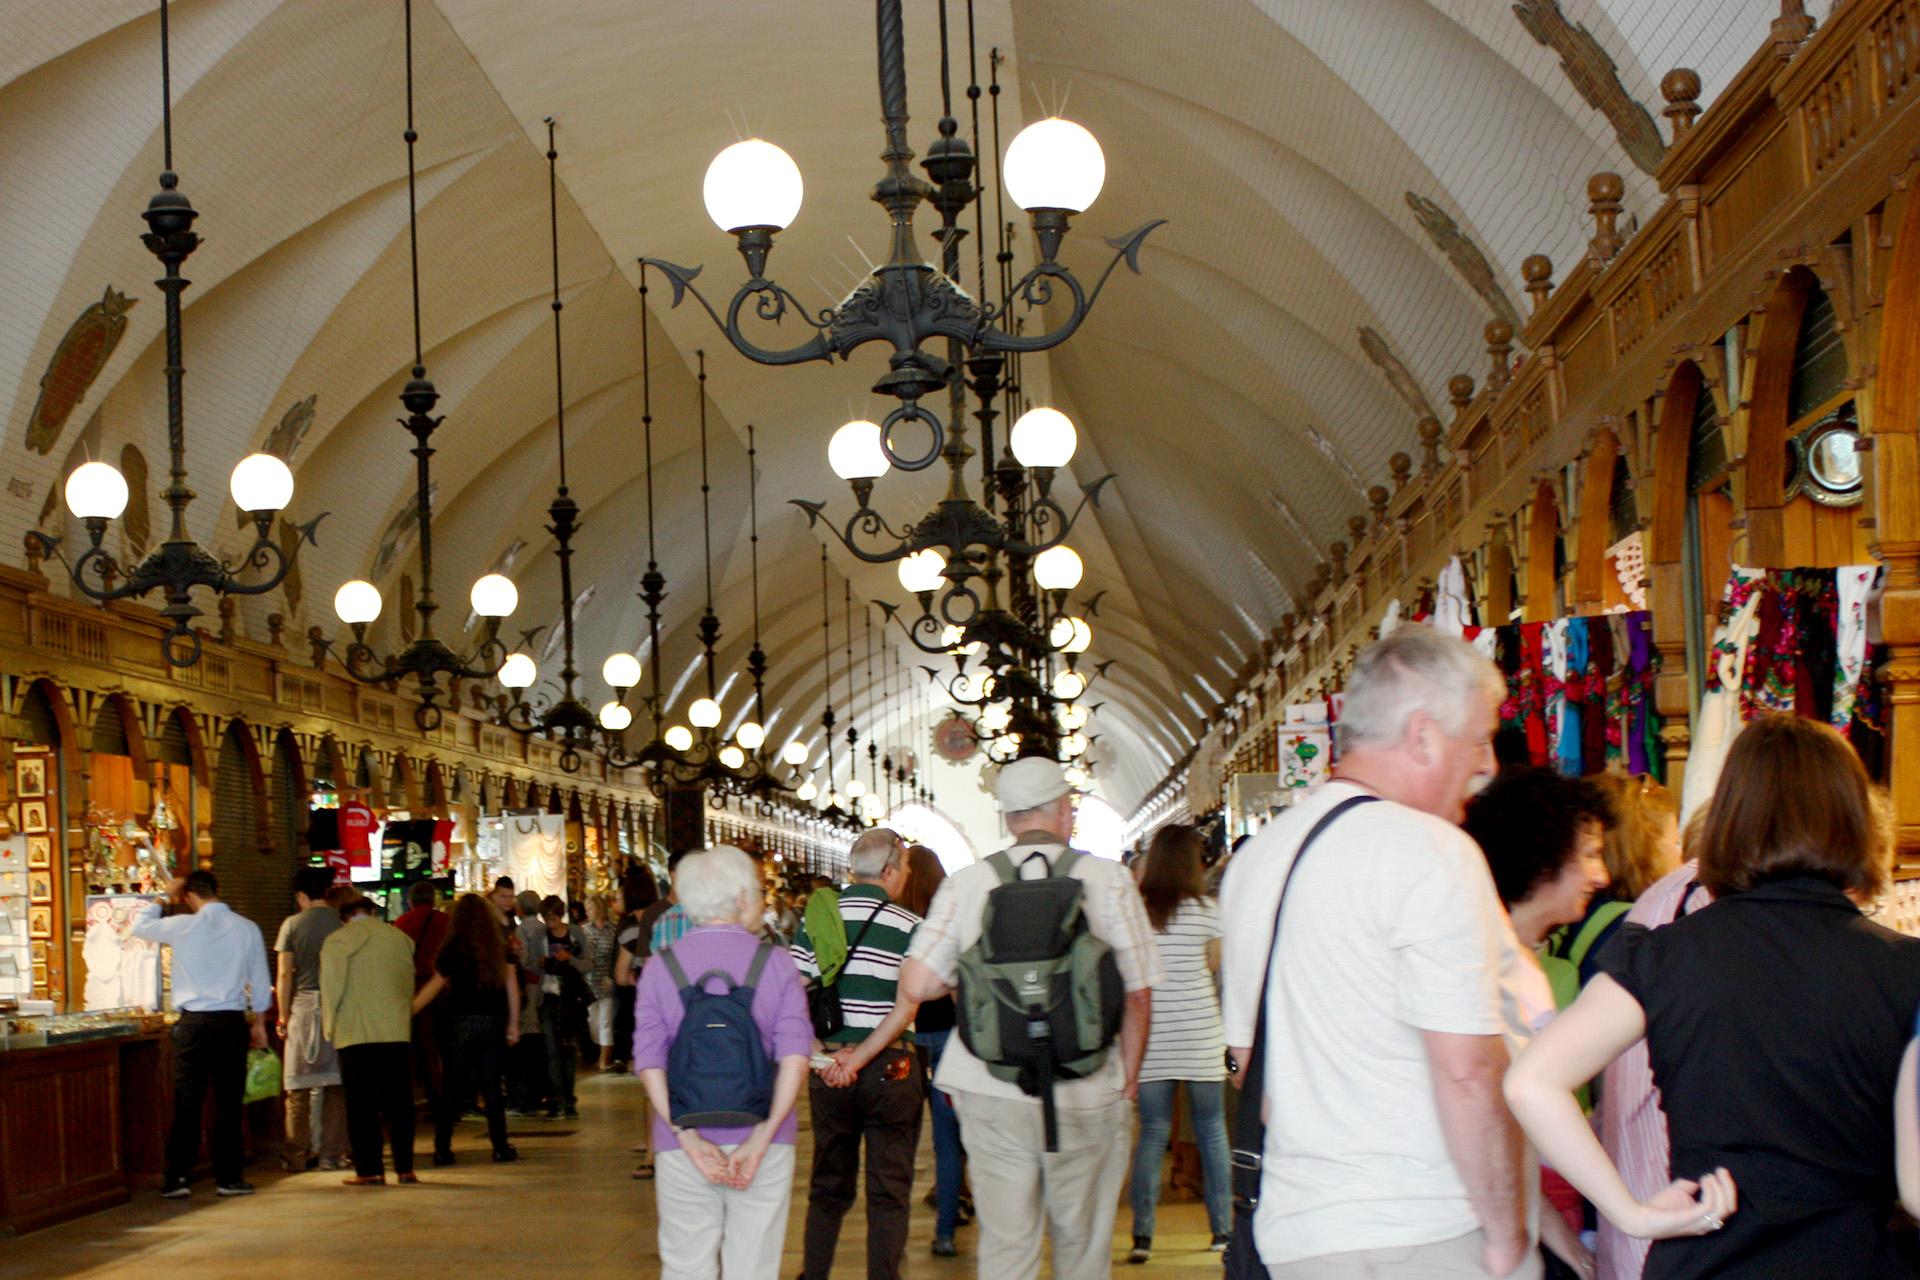 Inside Cloth Hall, Main Square, Krakow.